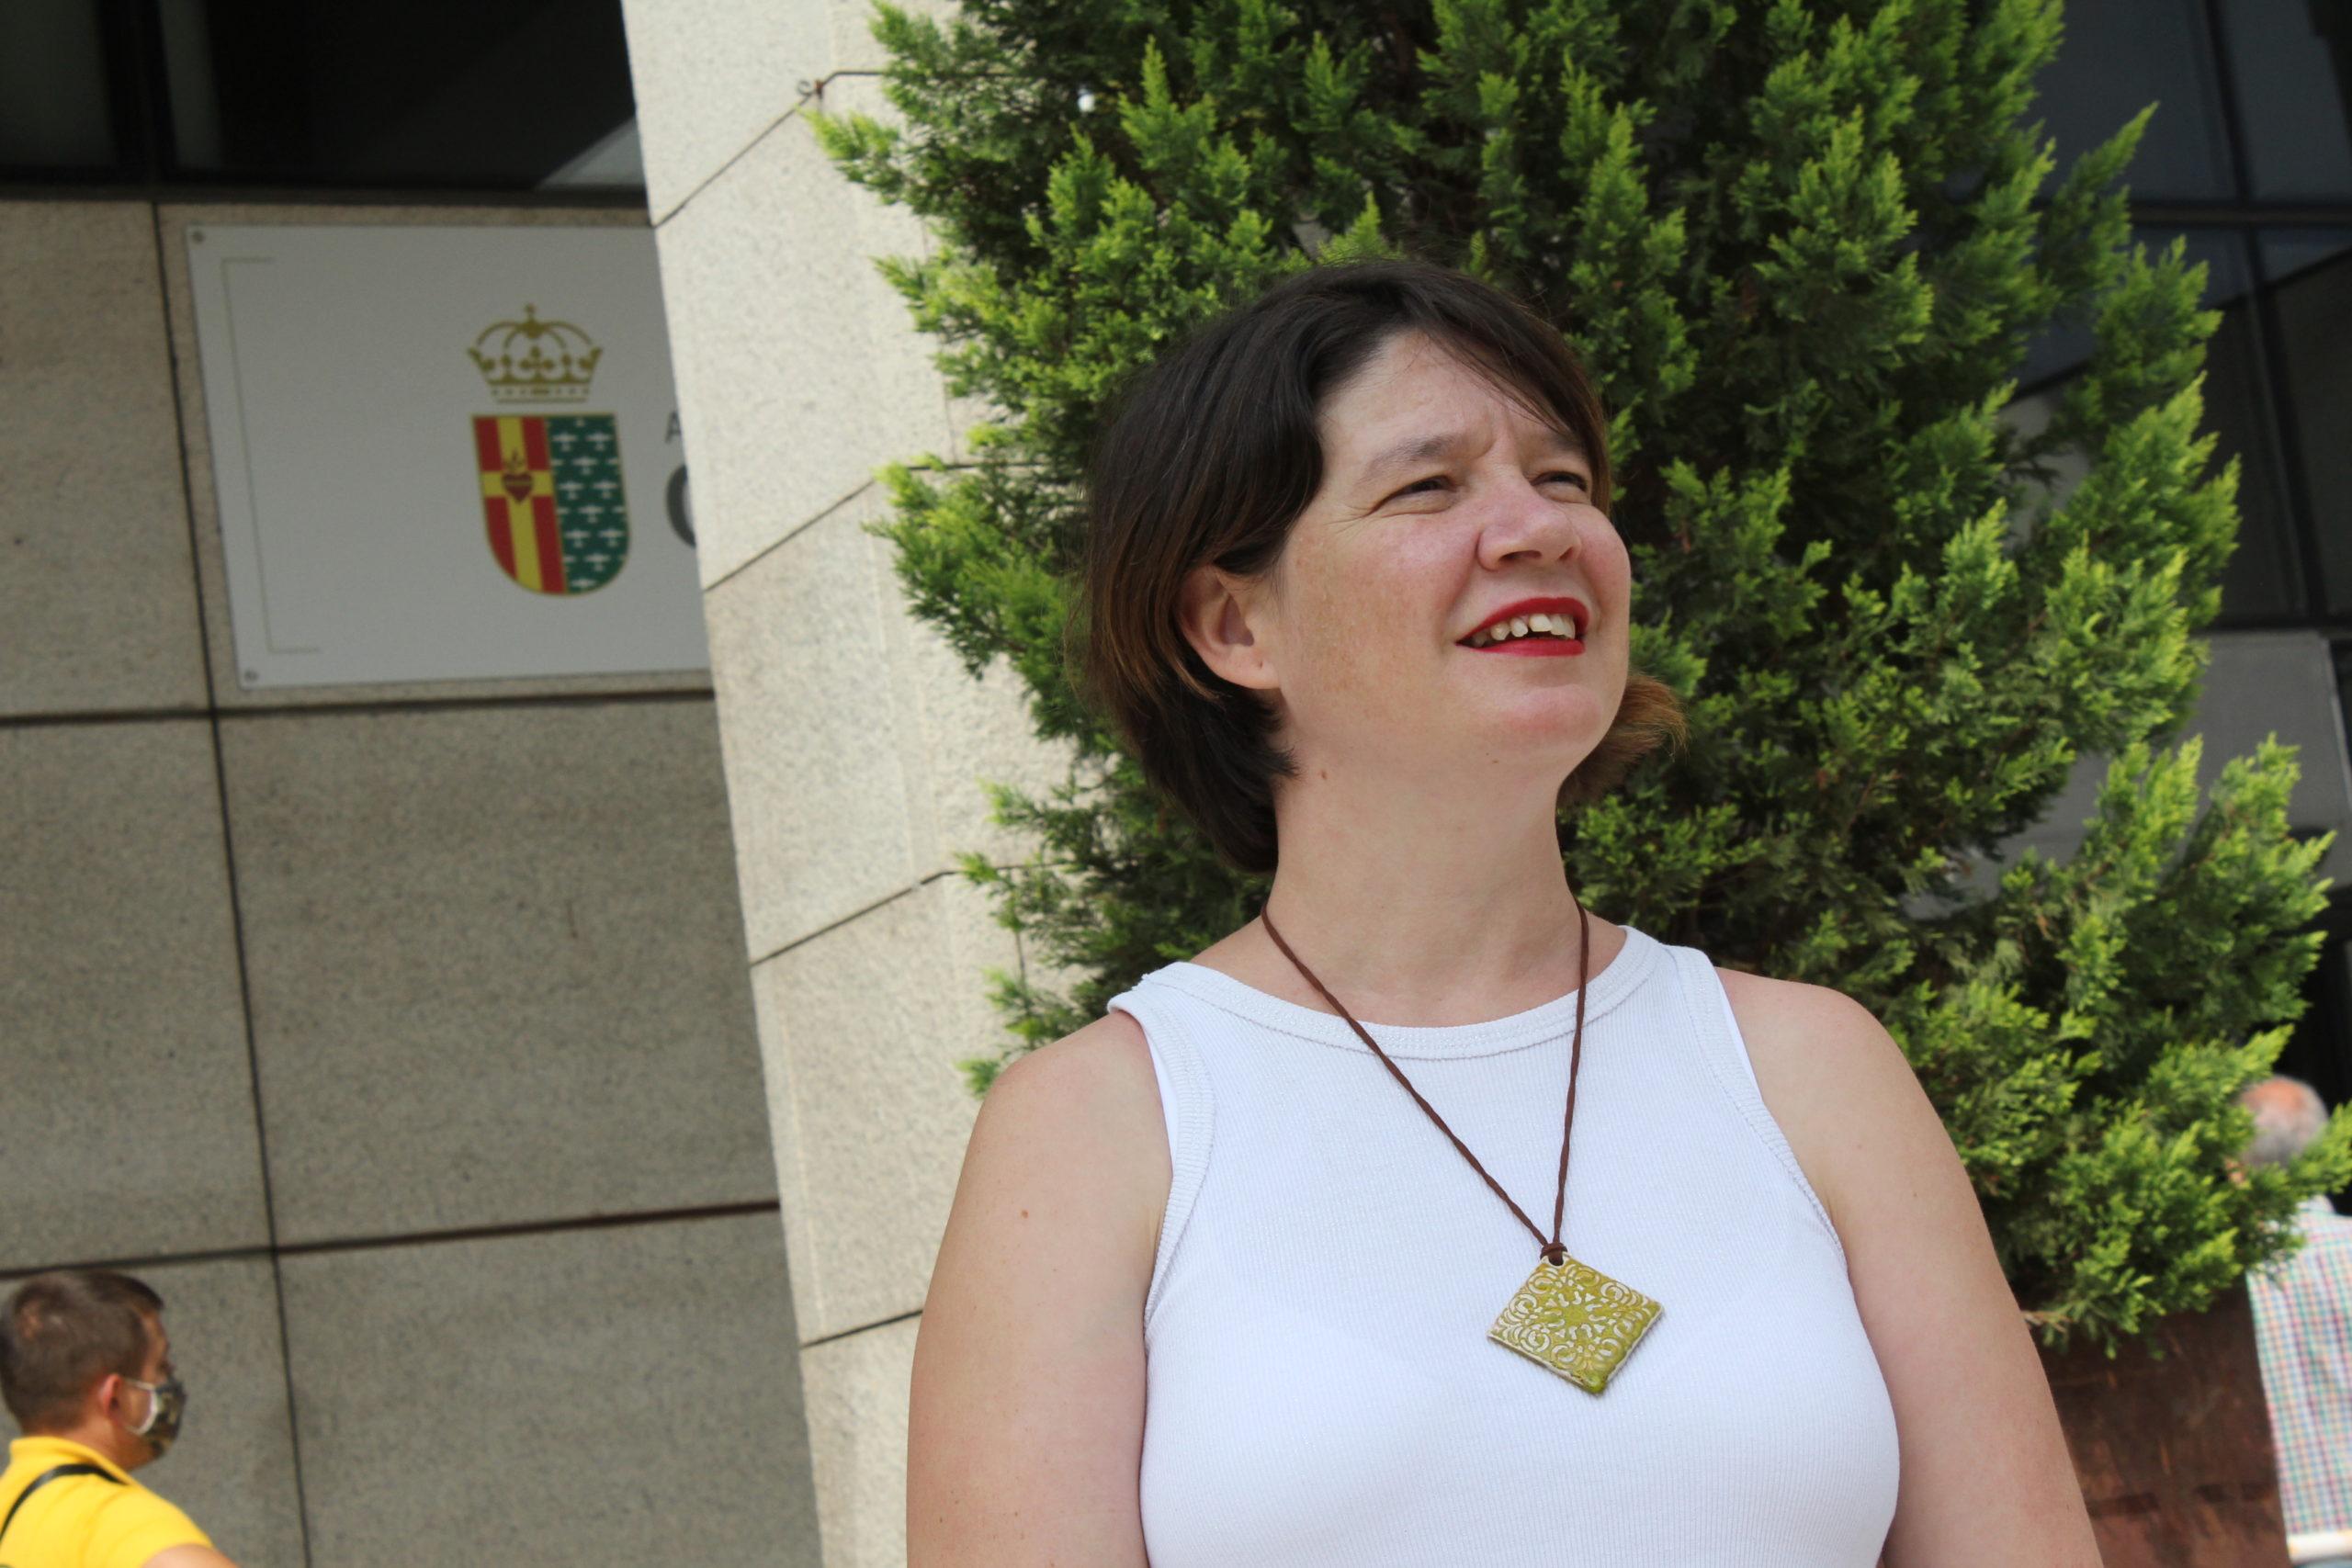 La concejala de Podemos Getafe, Ana Calcerrada, deja su acta: «Estoy segura de que mis compañeros lo seguirán haciendo genial»